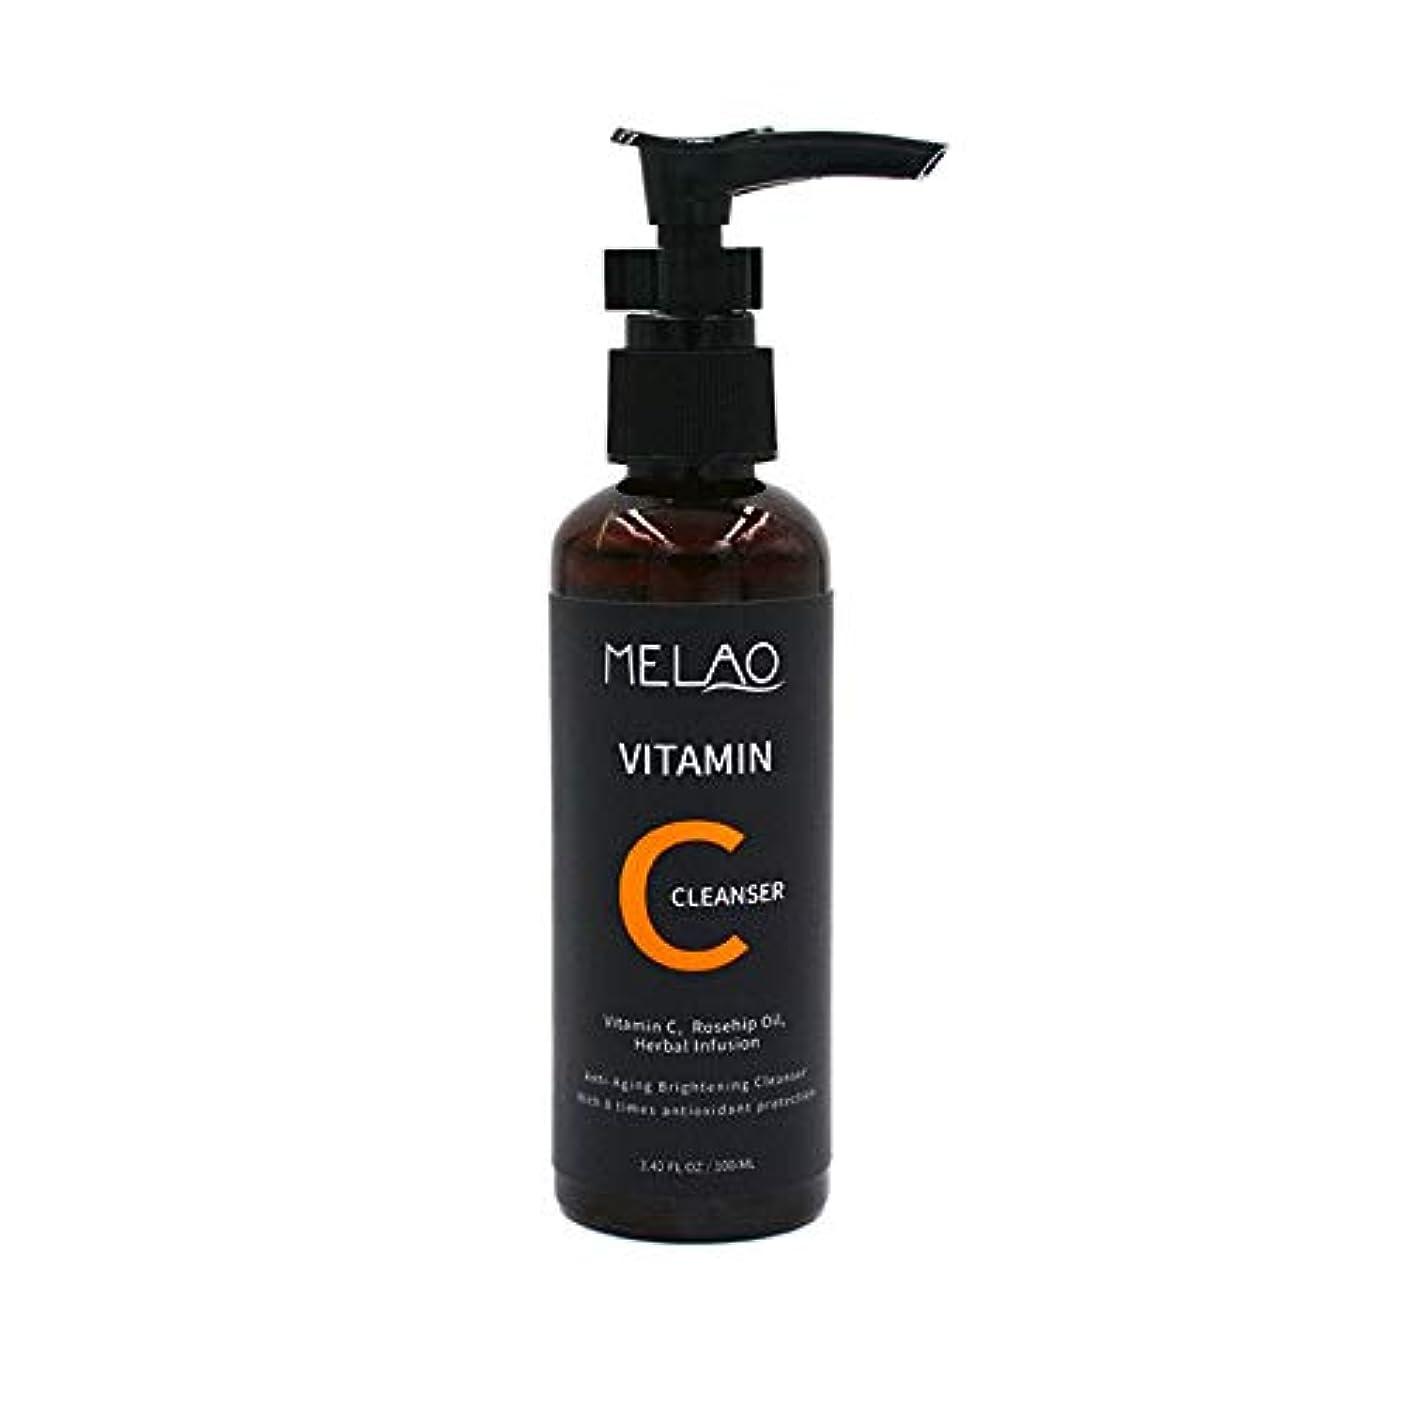 ハイジャック荷物ロデオAkane MELAO VC 顔洗い 深層 清潔 押す 保湿 浄化 角質除去 クレンジング 綺麗に オイルコントロール 使いやすい 洗顔料 アロエクリーム 100ml MC180202